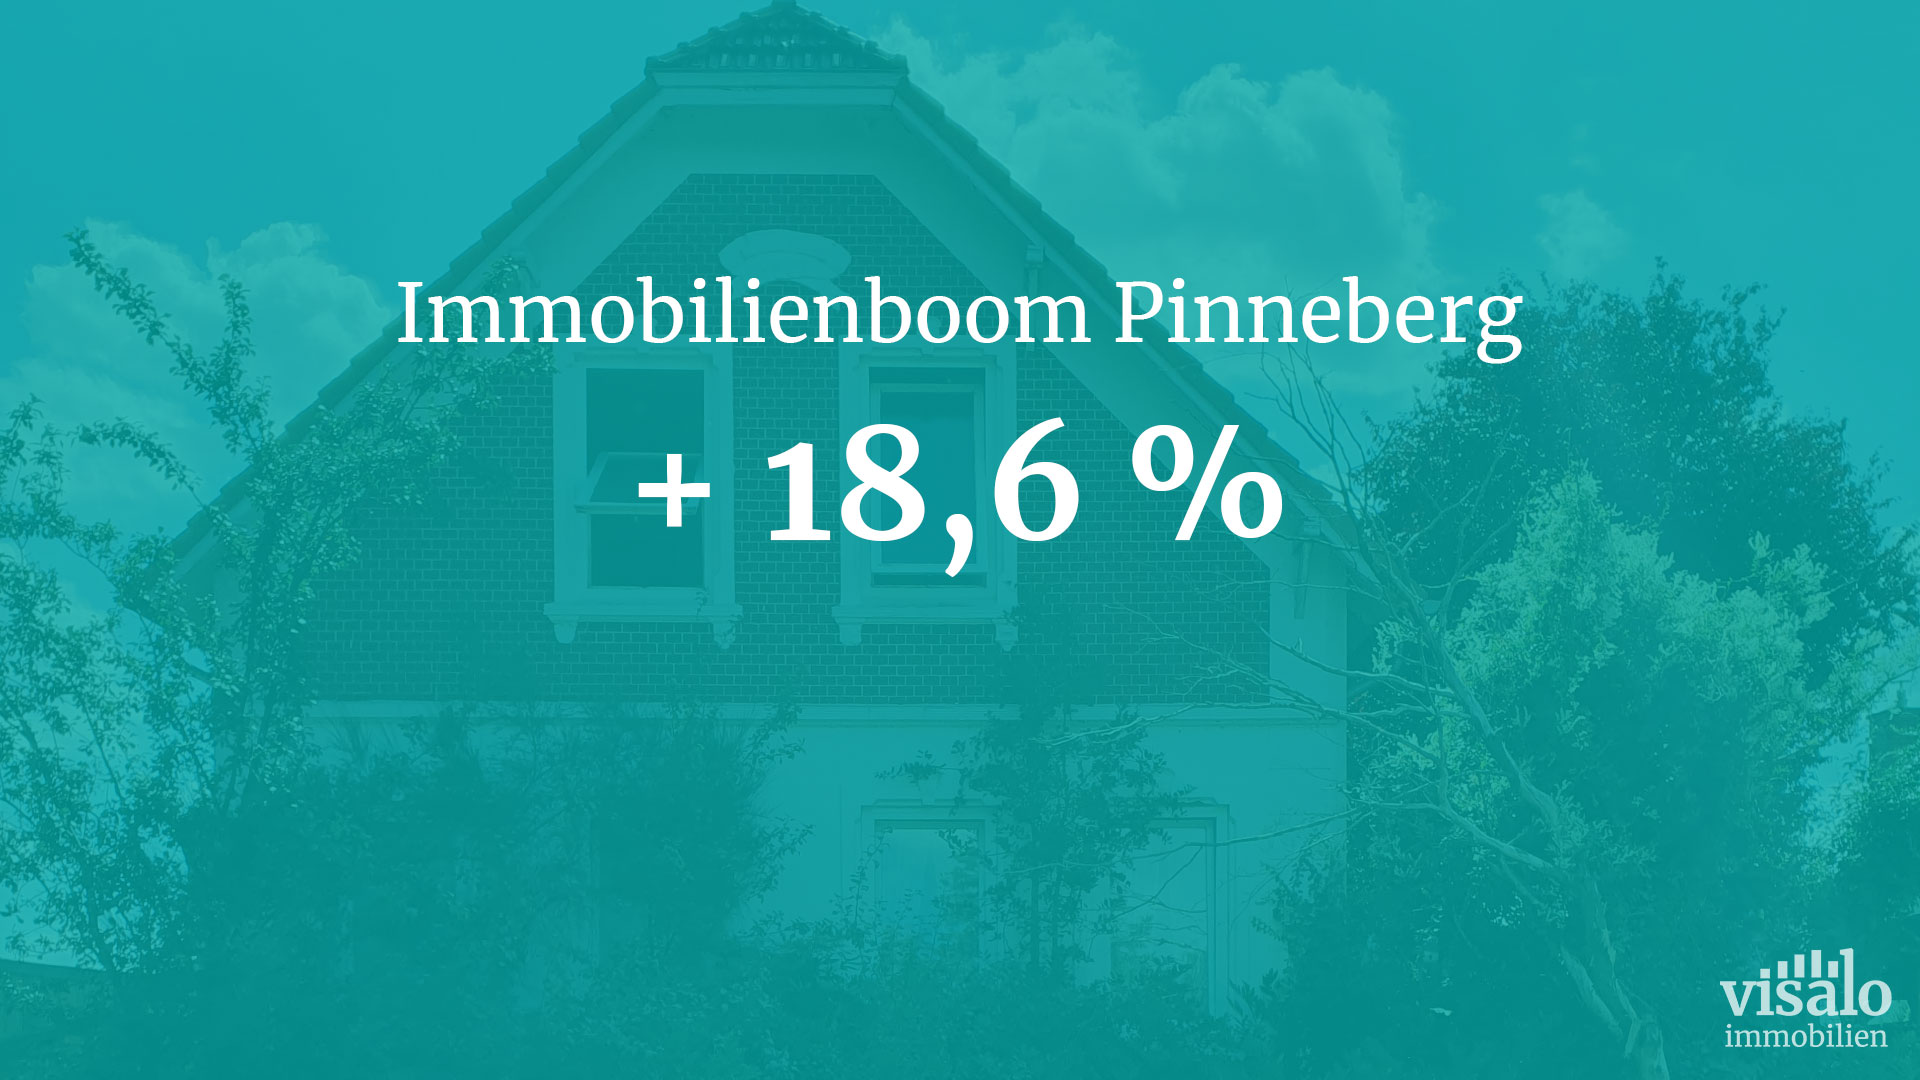 Immobilienboom Pinneberg: +18,6 % Wertzuwachs!